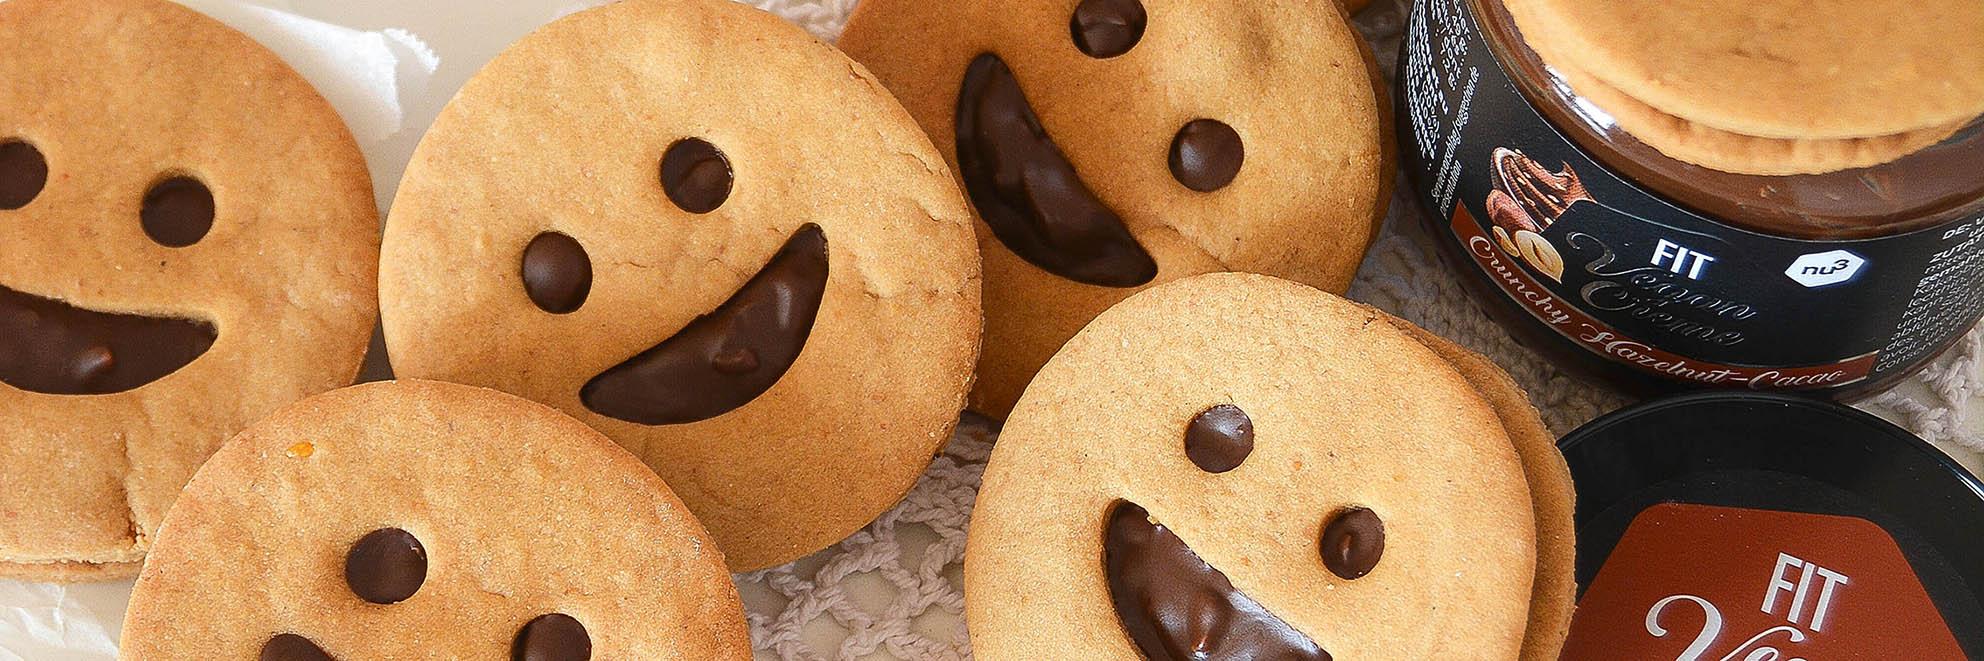 Biscuits vegan fourrés au chocolat